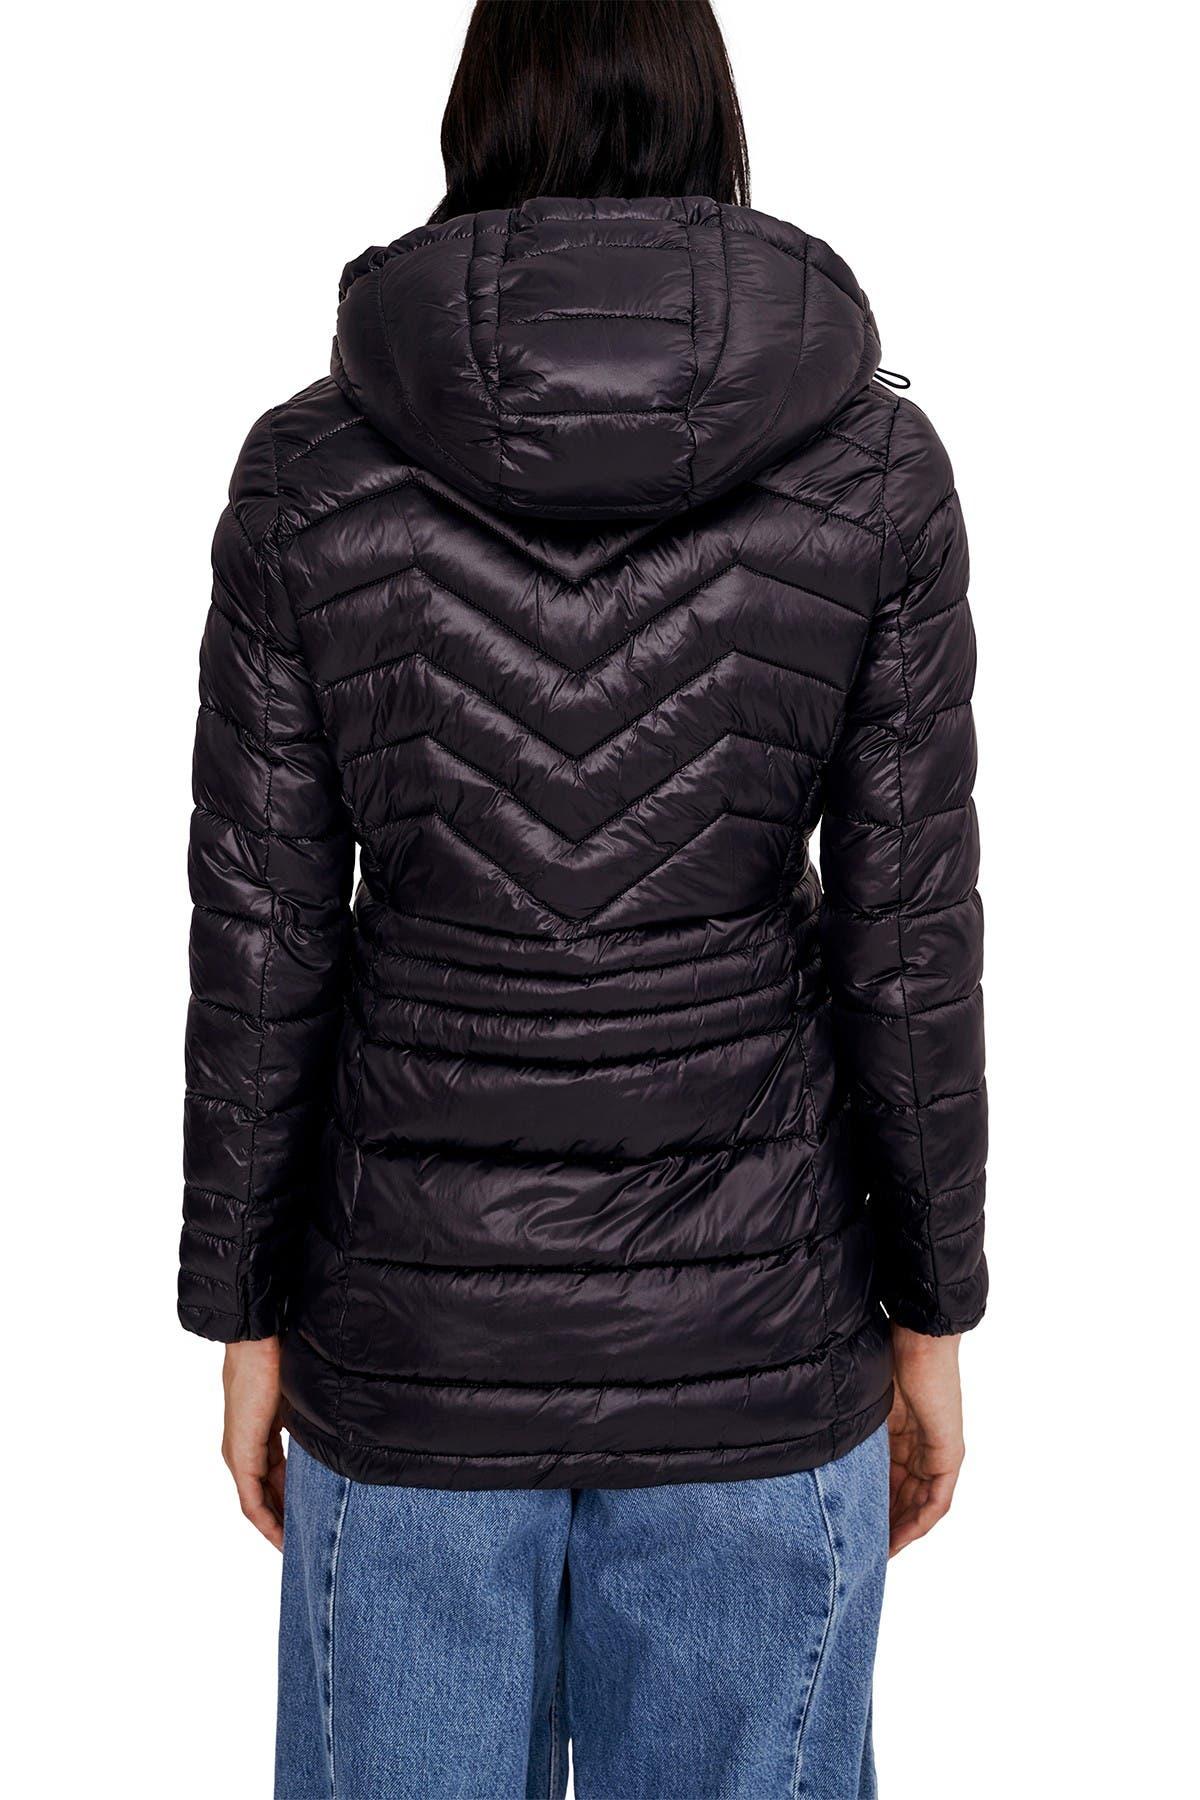 NOIZE Eden Lightweight Hooded Zip Puffer Jacket